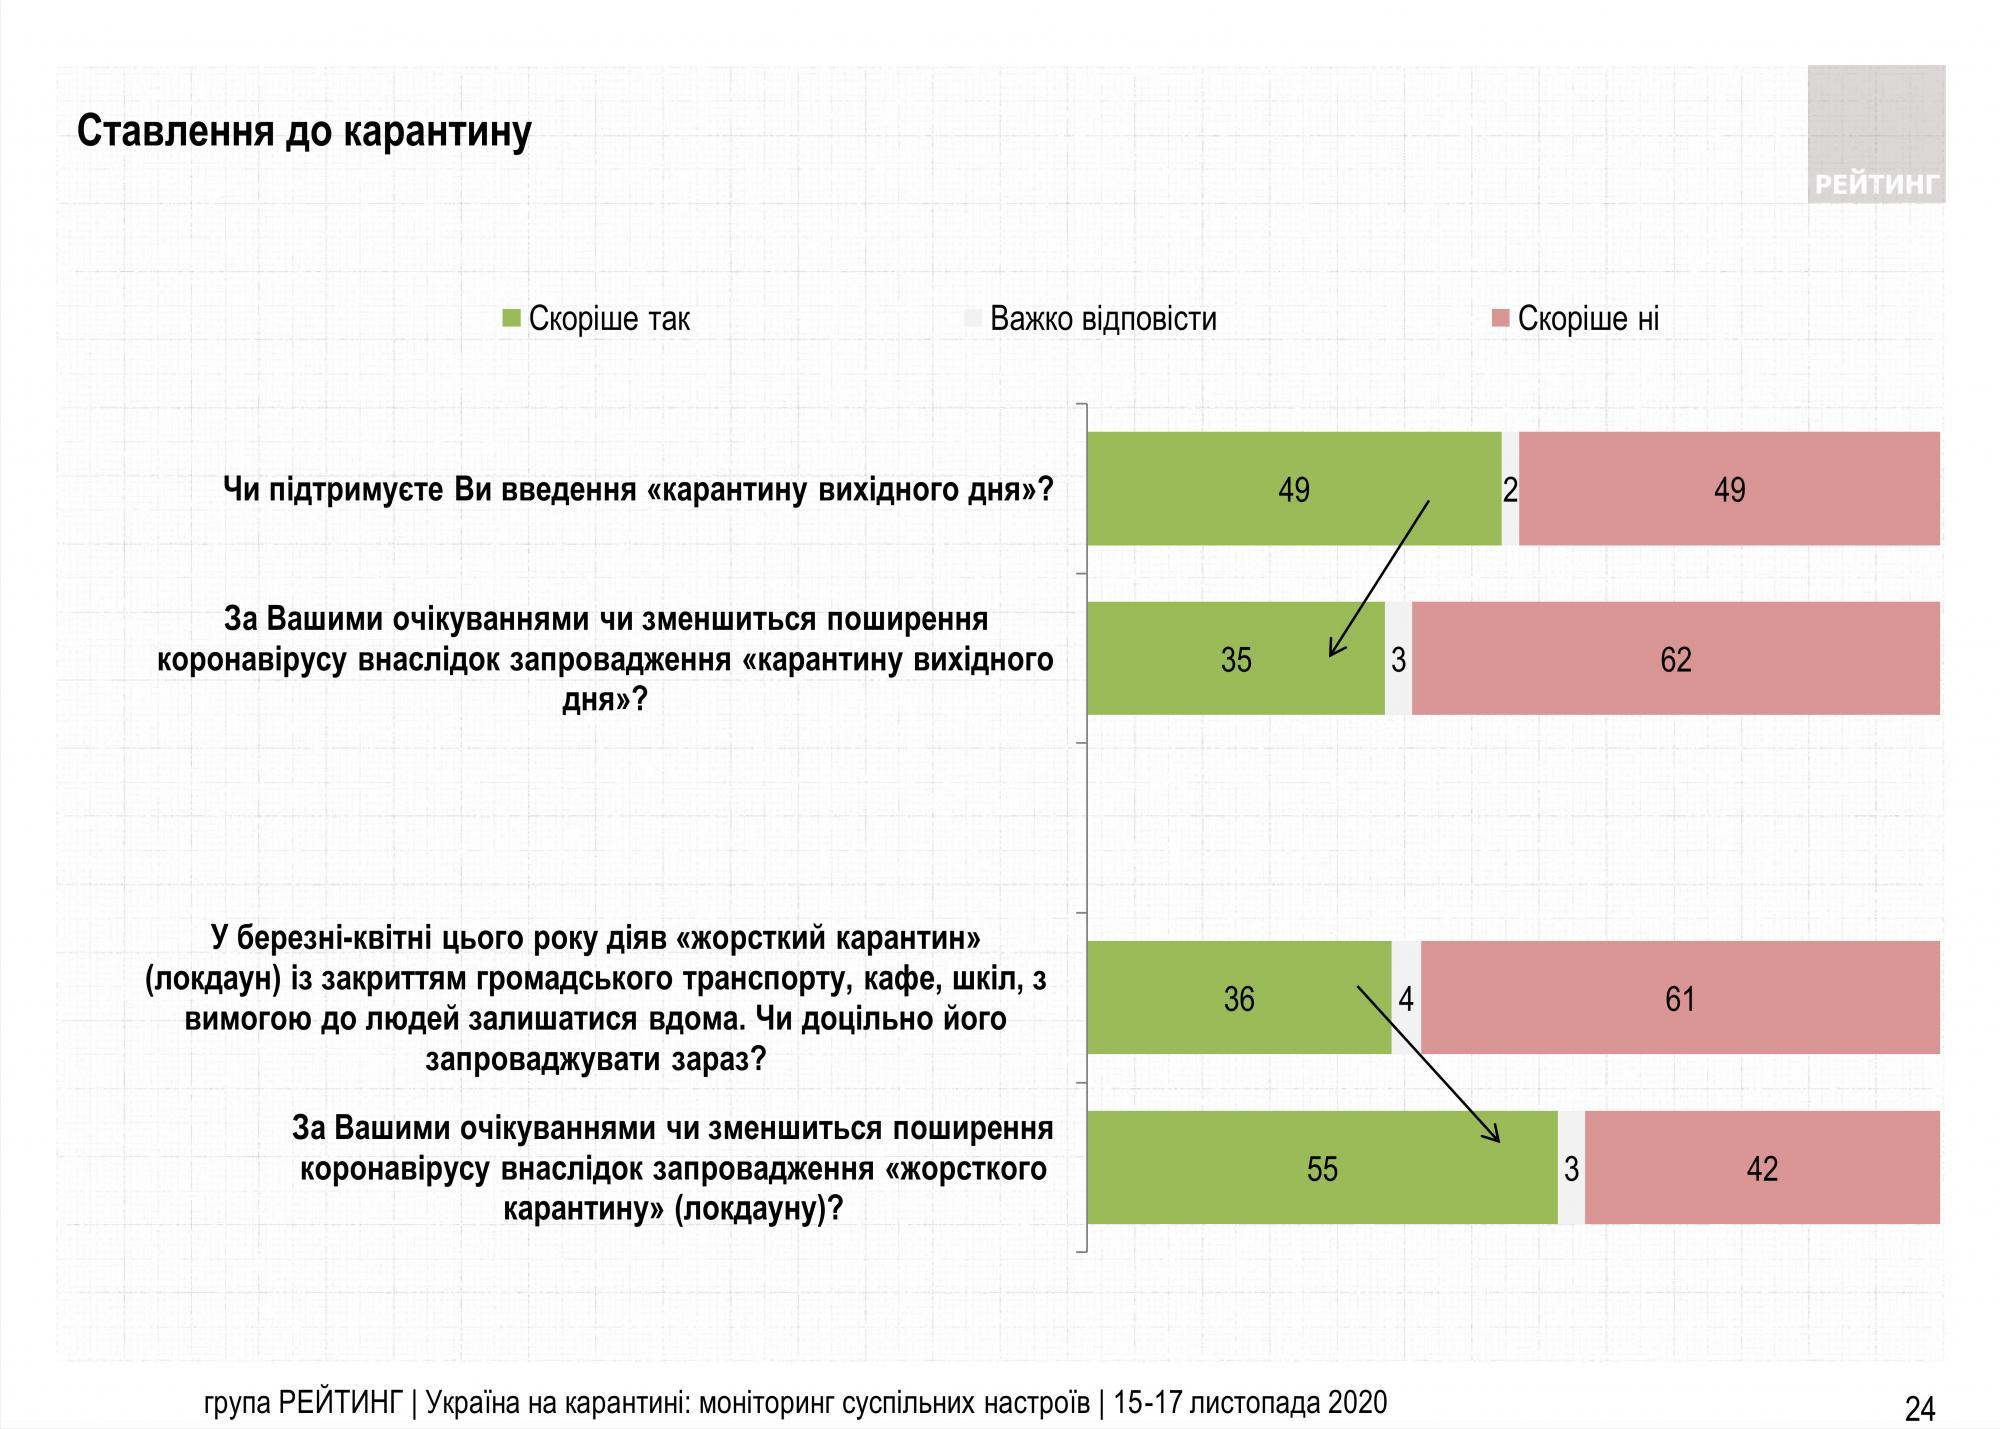 Половина українців проти карантину вихідного дня